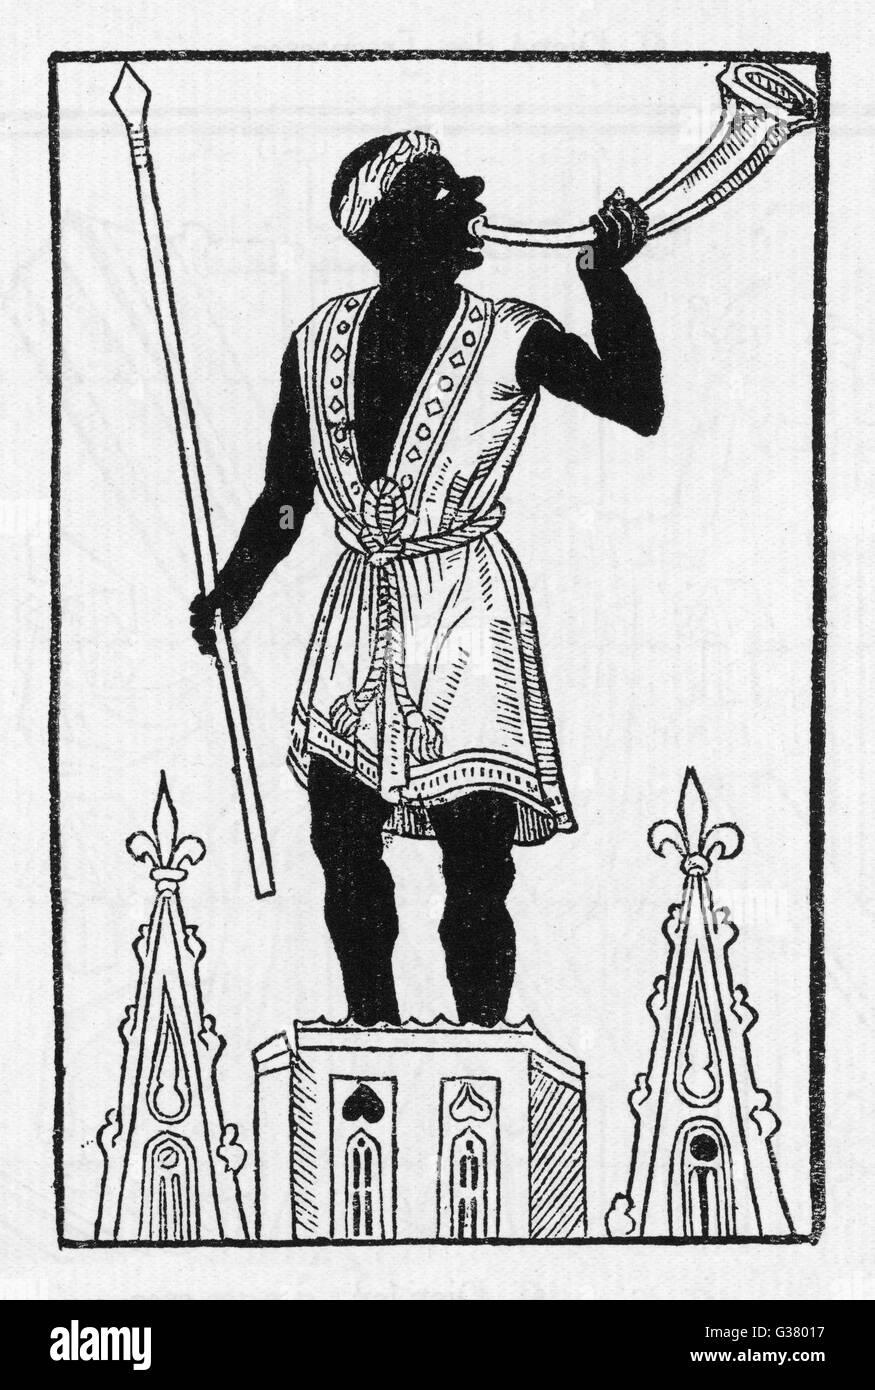 Ein schwarzer Engel klingt der letzten Posaune, verkünden, dass heute ist Tag des jüngsten Gerichts Datum: Stockbild